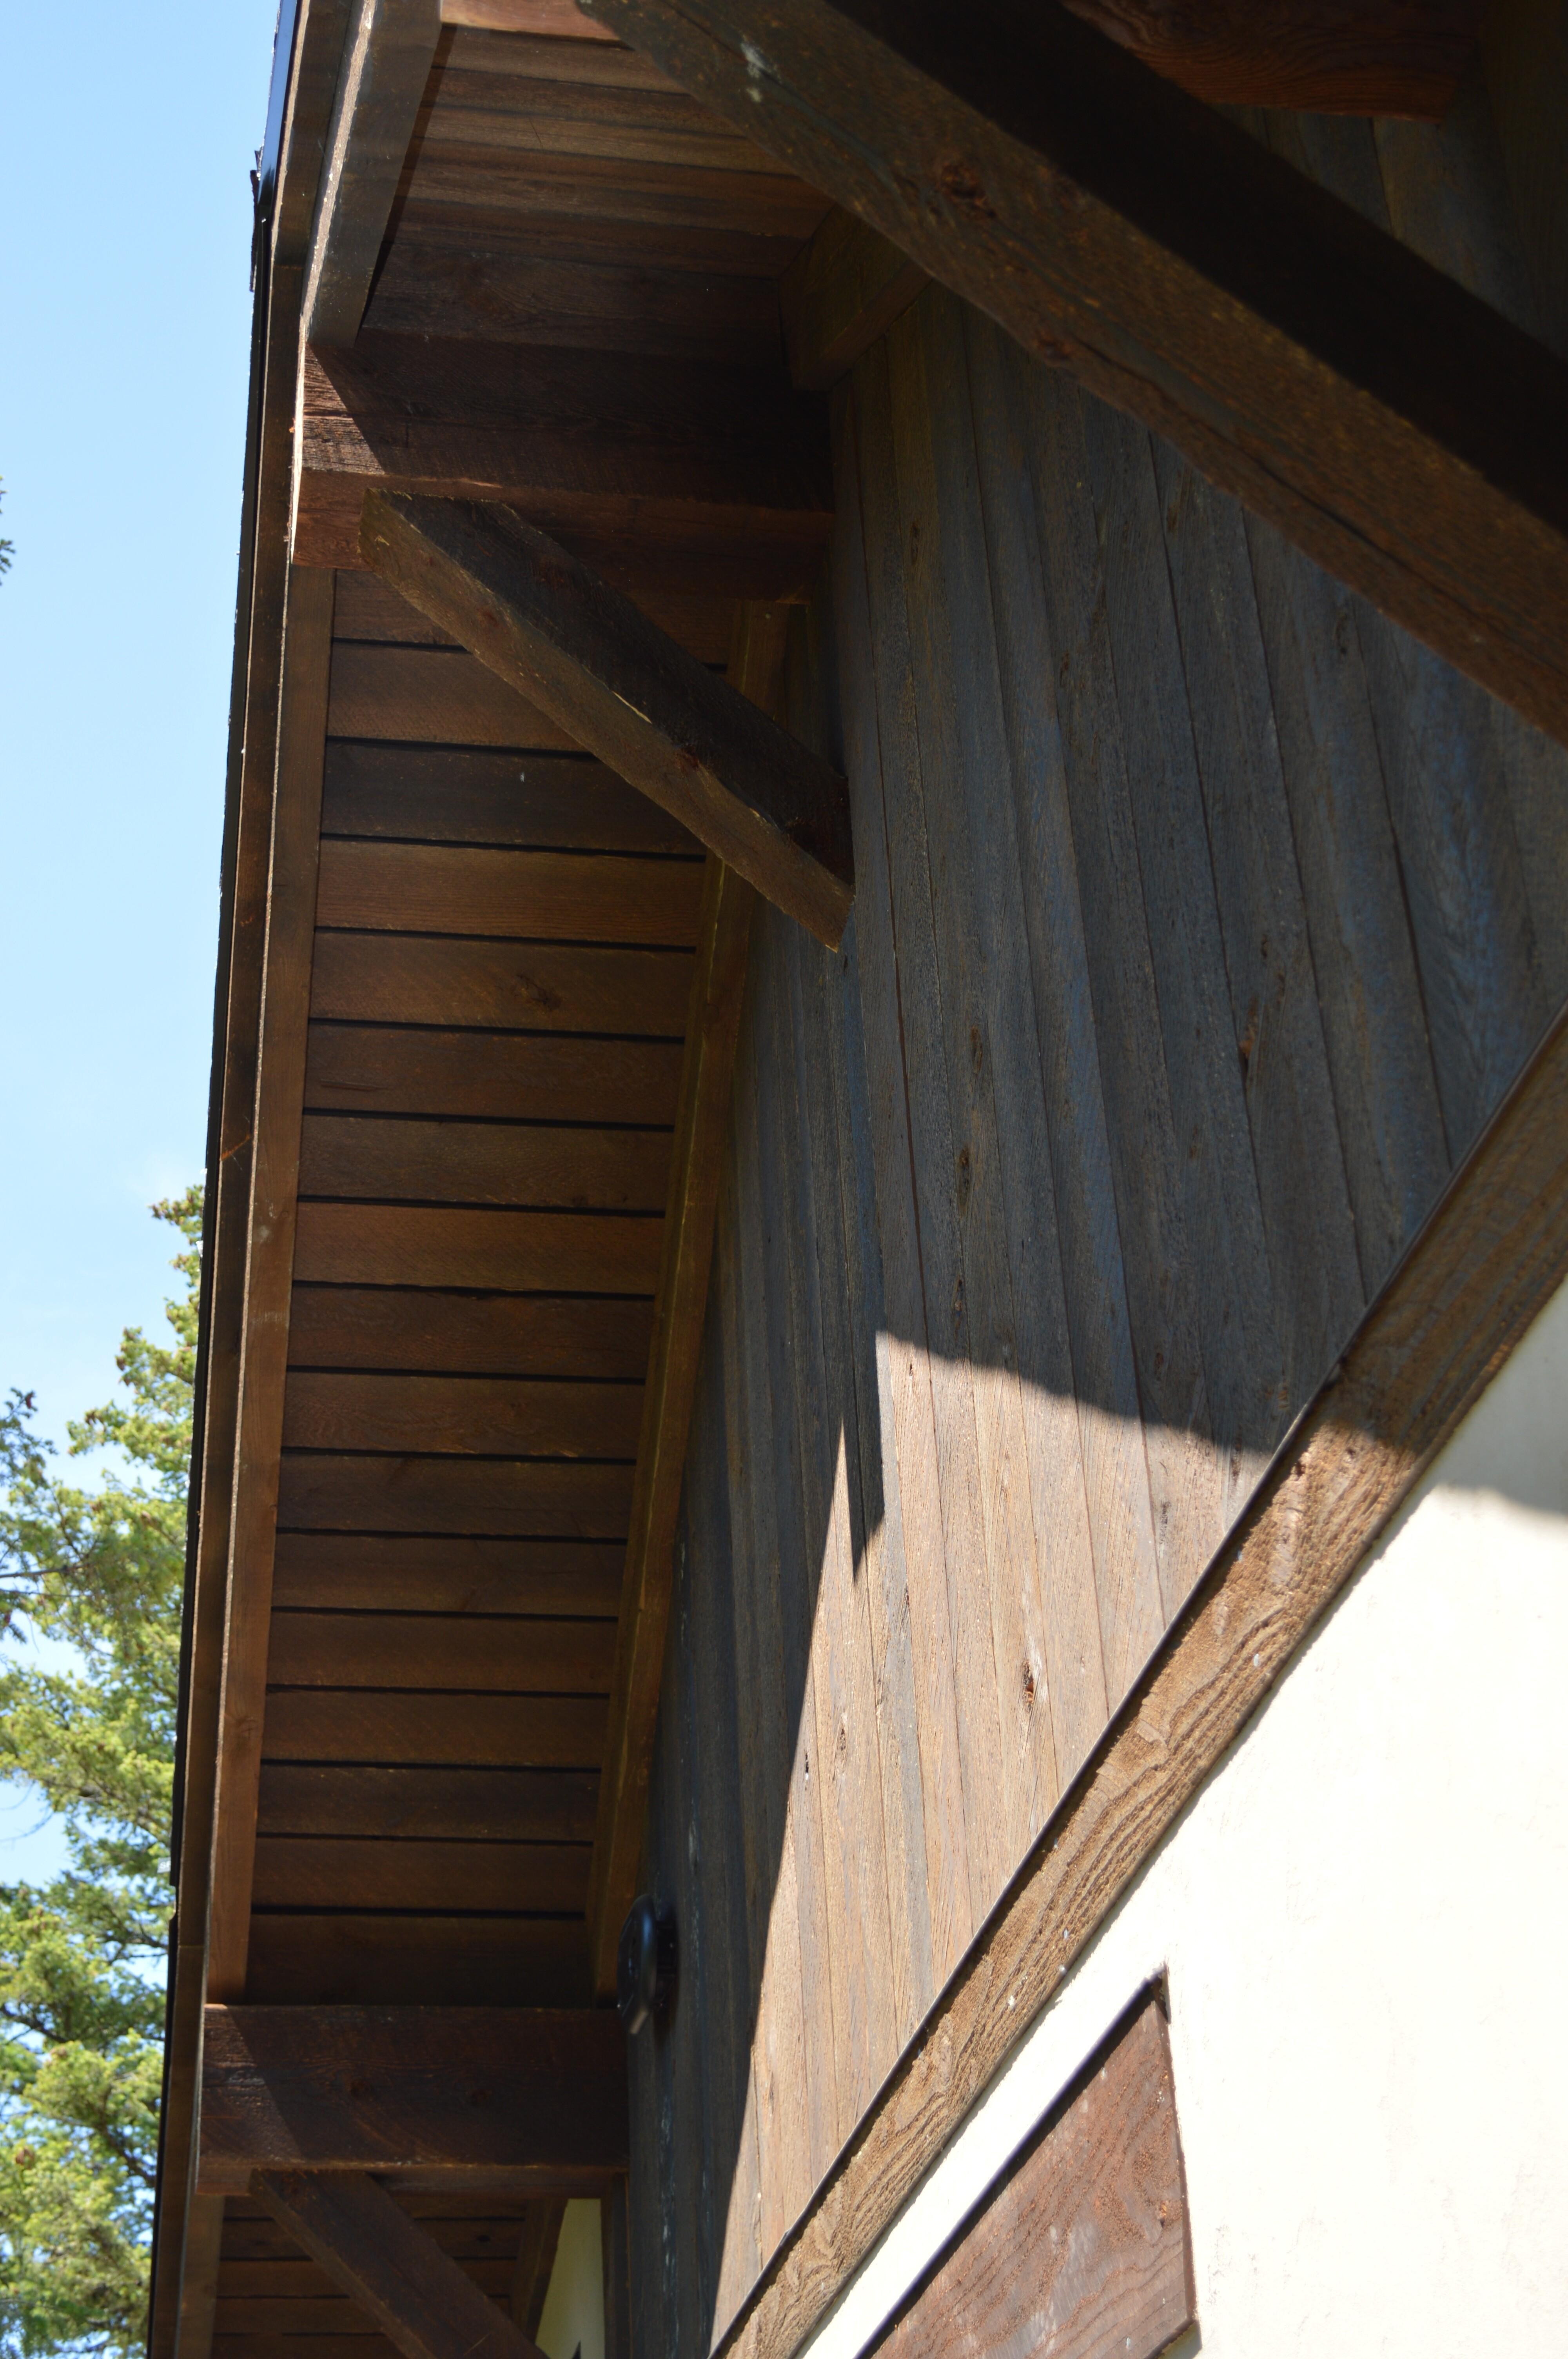 Ranchwood Wood Siding And Barn Series Timbers Montana